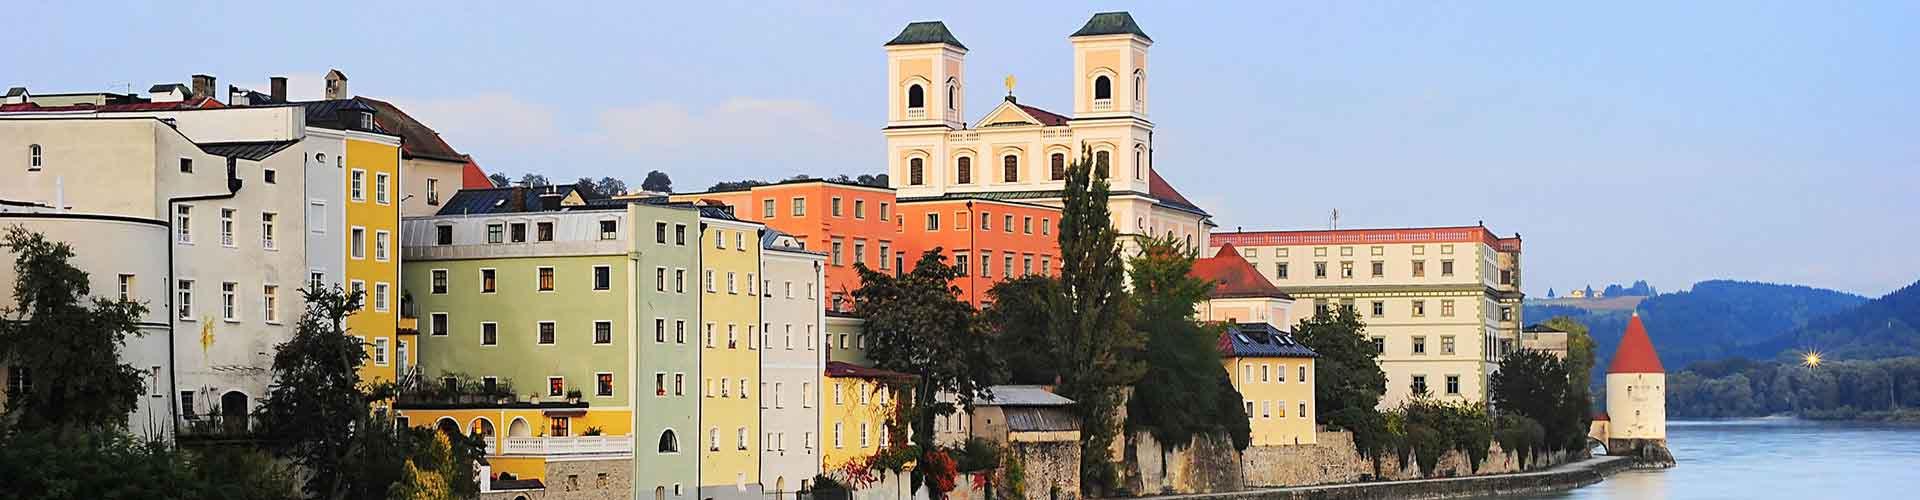 Regensburg - Albergues Juveniles en Regensburg. Mapas de Regensburg, Fotos y Comentarios para cada Albergue Juvenil en Regensburg.